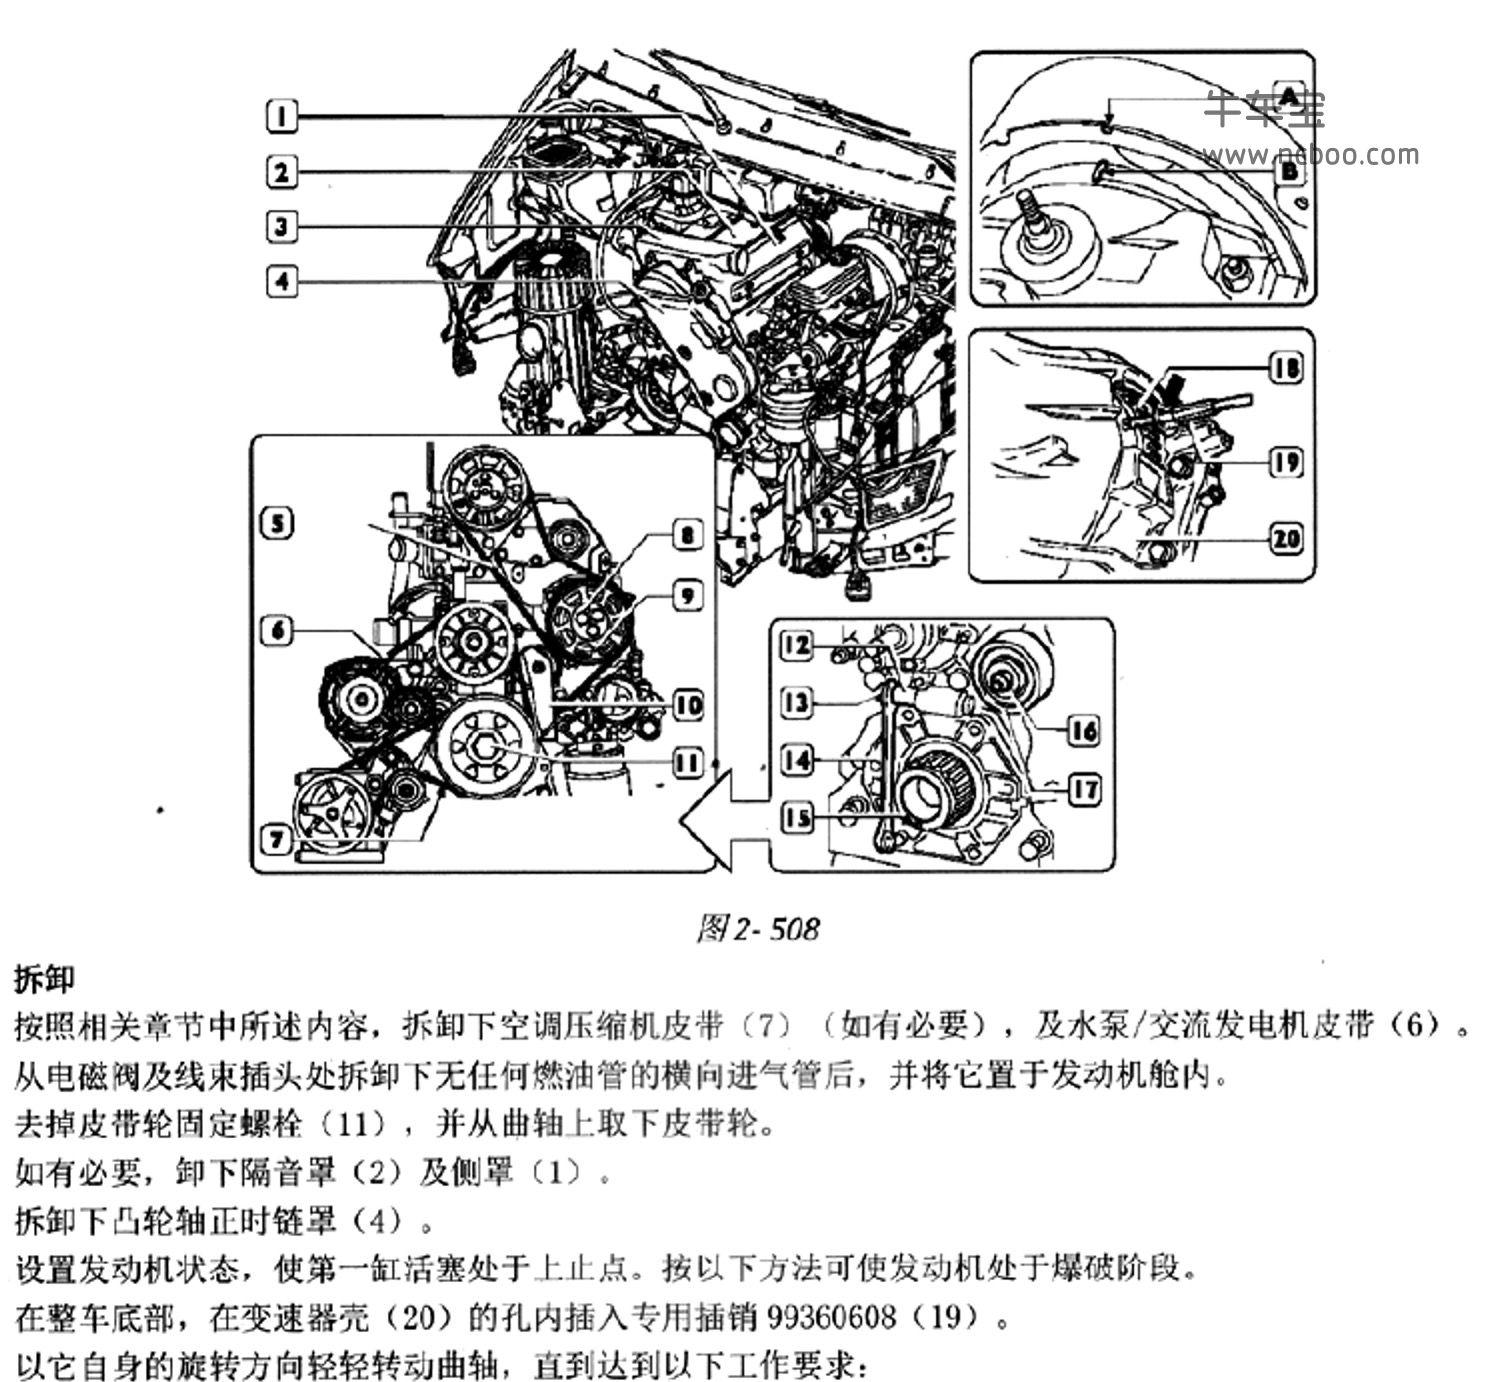 2015-2016款南京依维柯得意Turbo Dail原厂维修手册(含电路图)